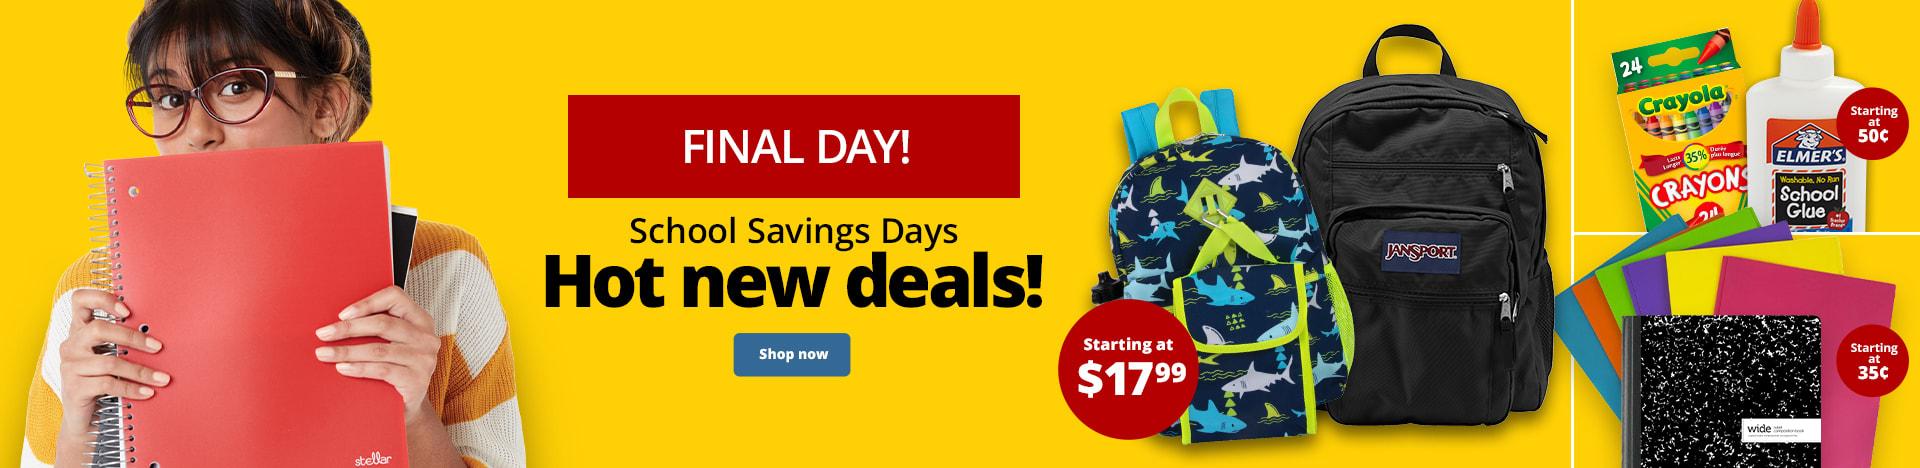 Final Day! School Savings Days. Hot new deals!